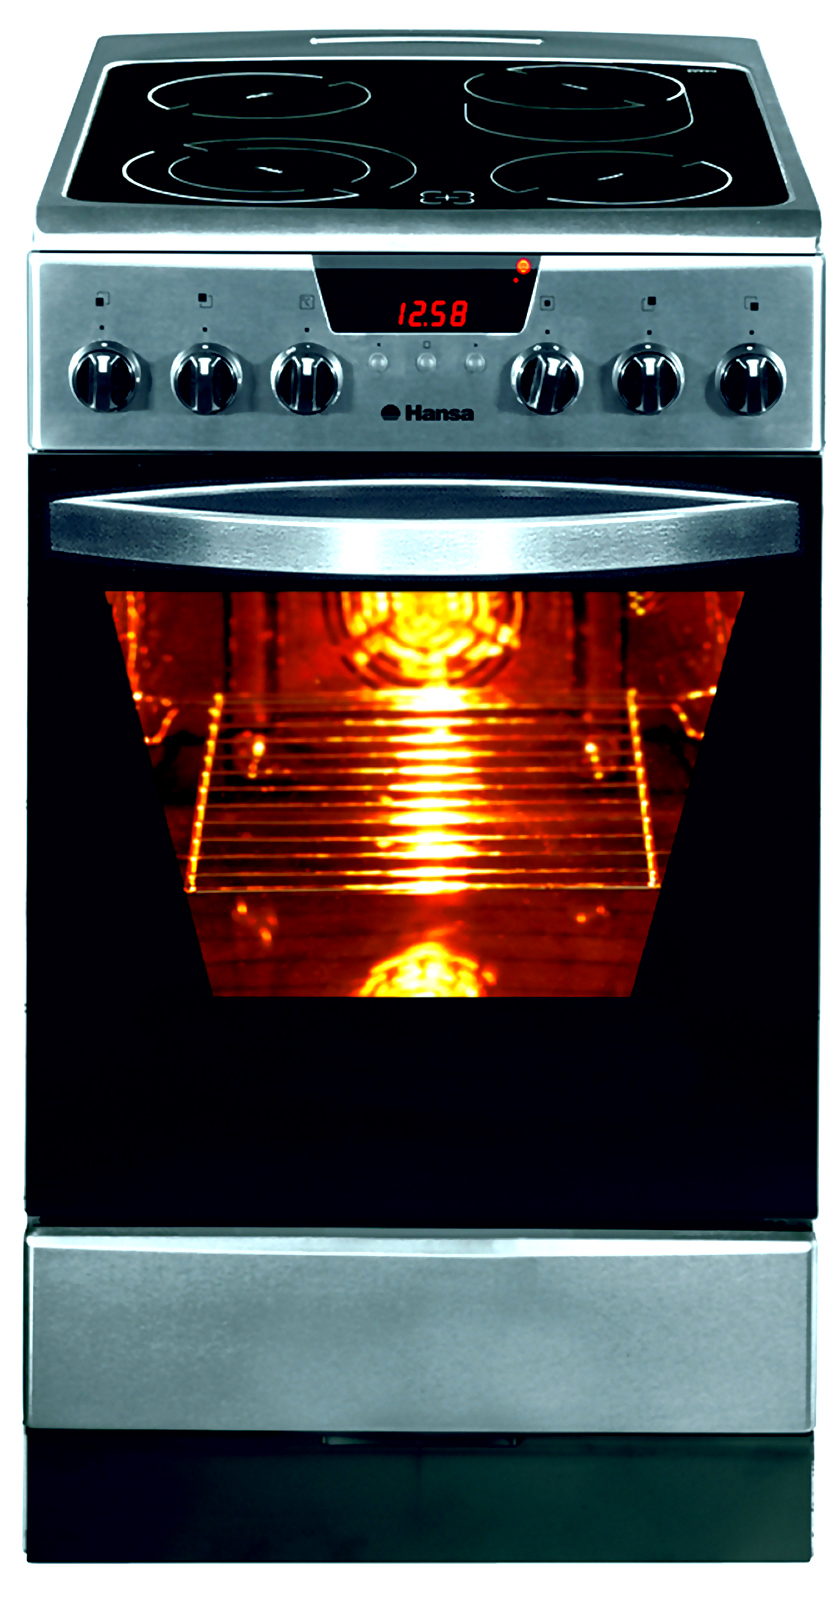 холодильник электролюкс erb 36402 w инструкция по эксплуатации